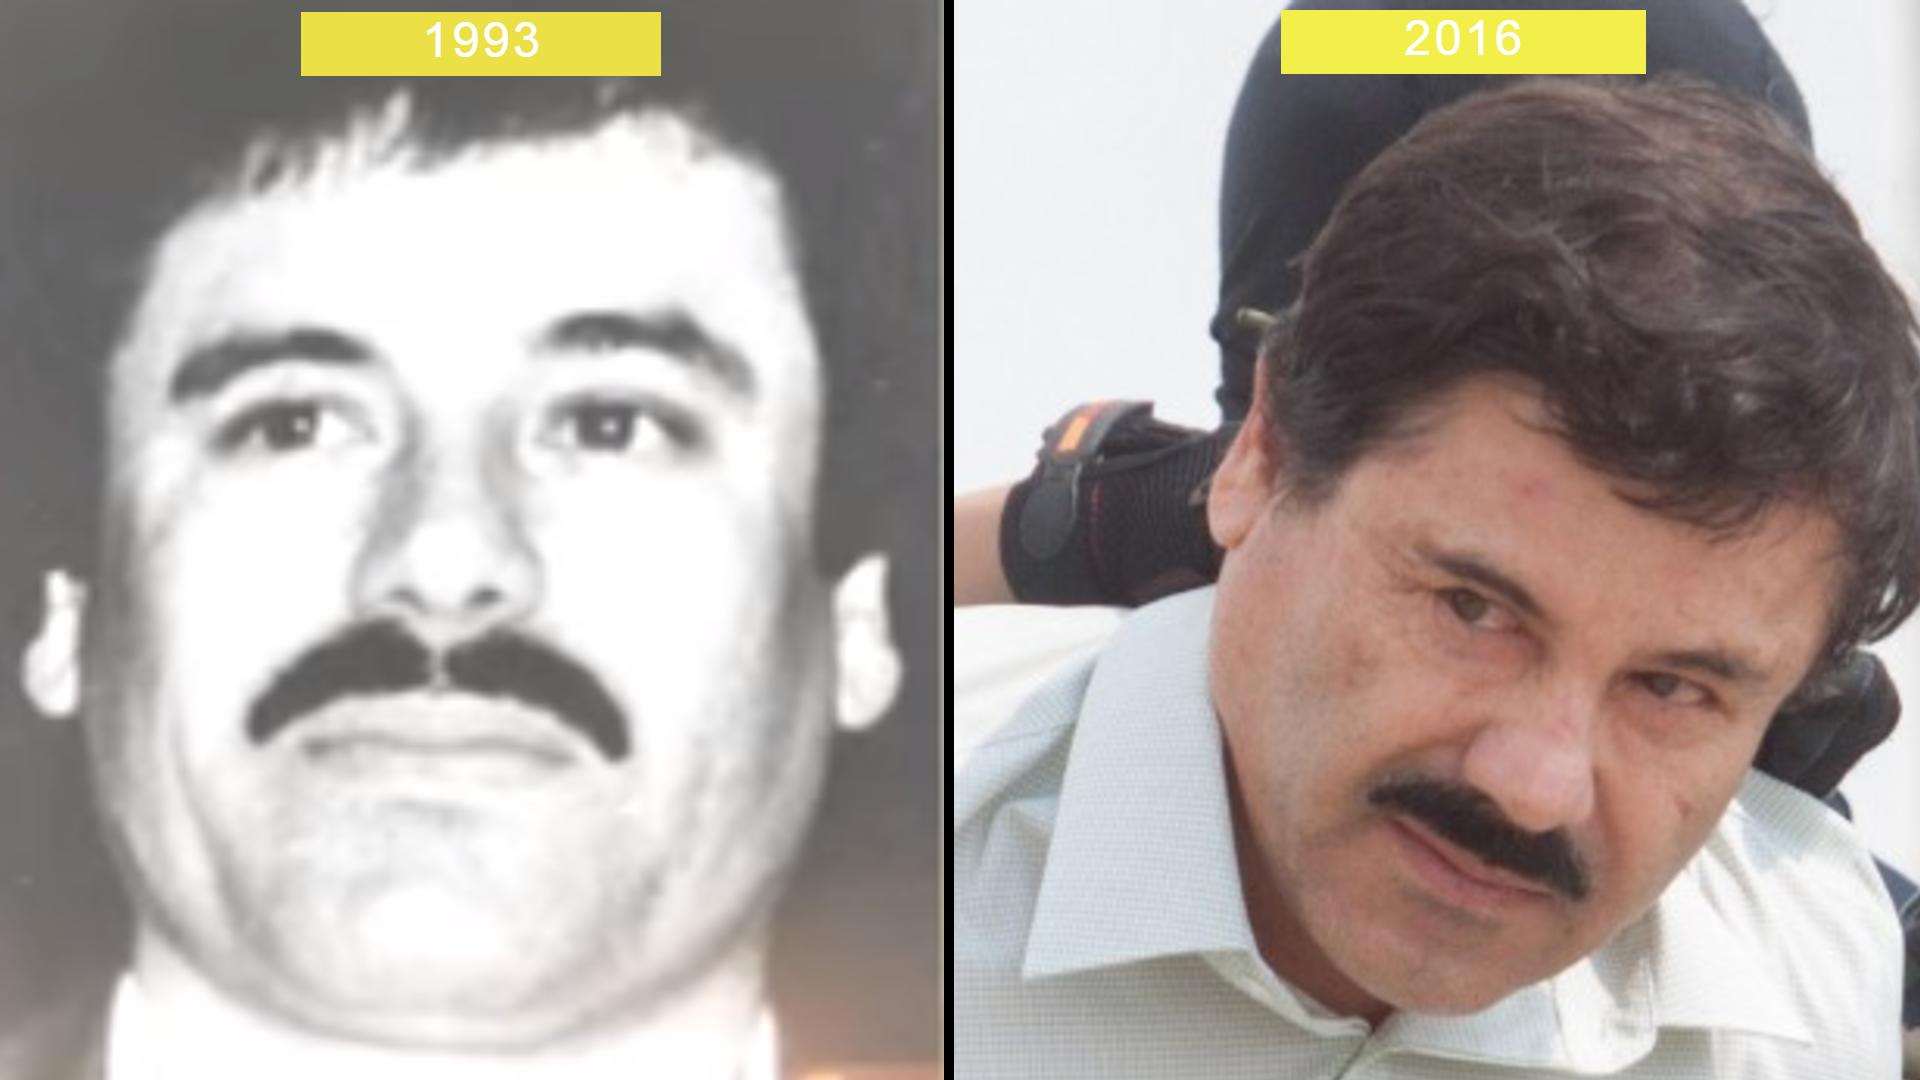 """´Dos imágenes de Joaquín """"El Chapo"""" Guzmán. La primera en 1993, el narco mexicano muestra su característico bigote . En la segunda foto, del año 2016 cuando """"El Chapo"""" fue retratado por última vez como líder del Cartel de Sinaloa, muestra u ligero cambio en el área al rededor de los ojos (Foto: Especial)"""